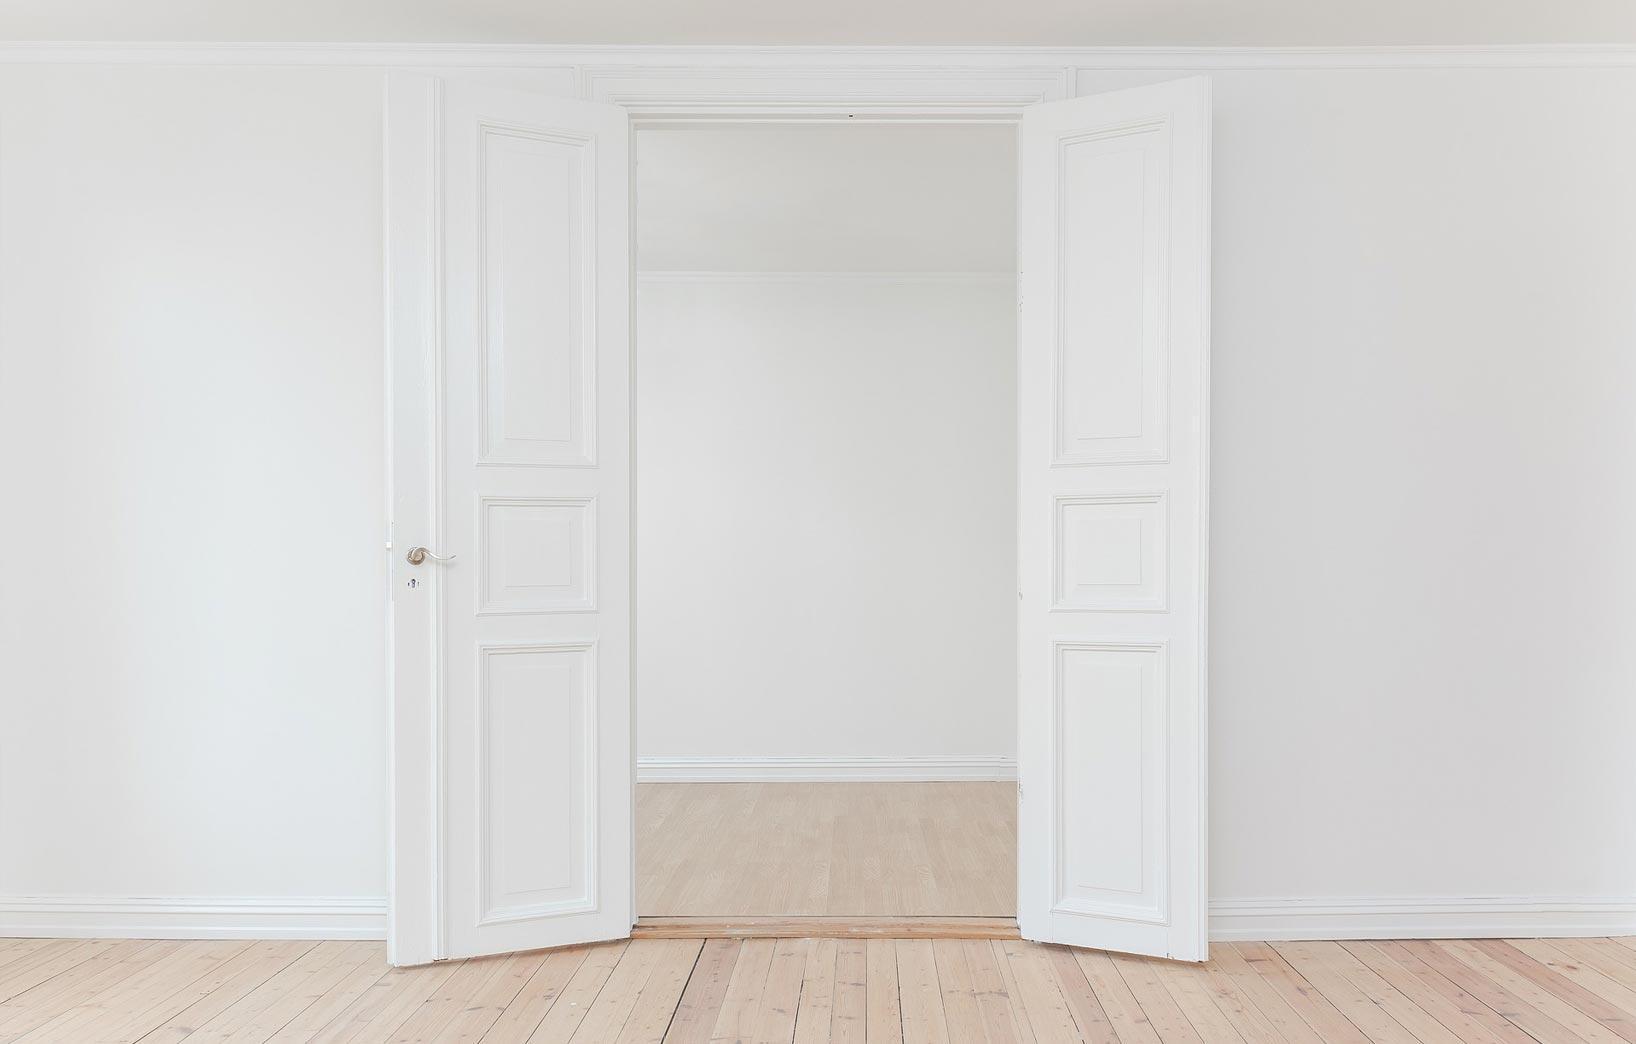 Распахнутые двери в белой комнате